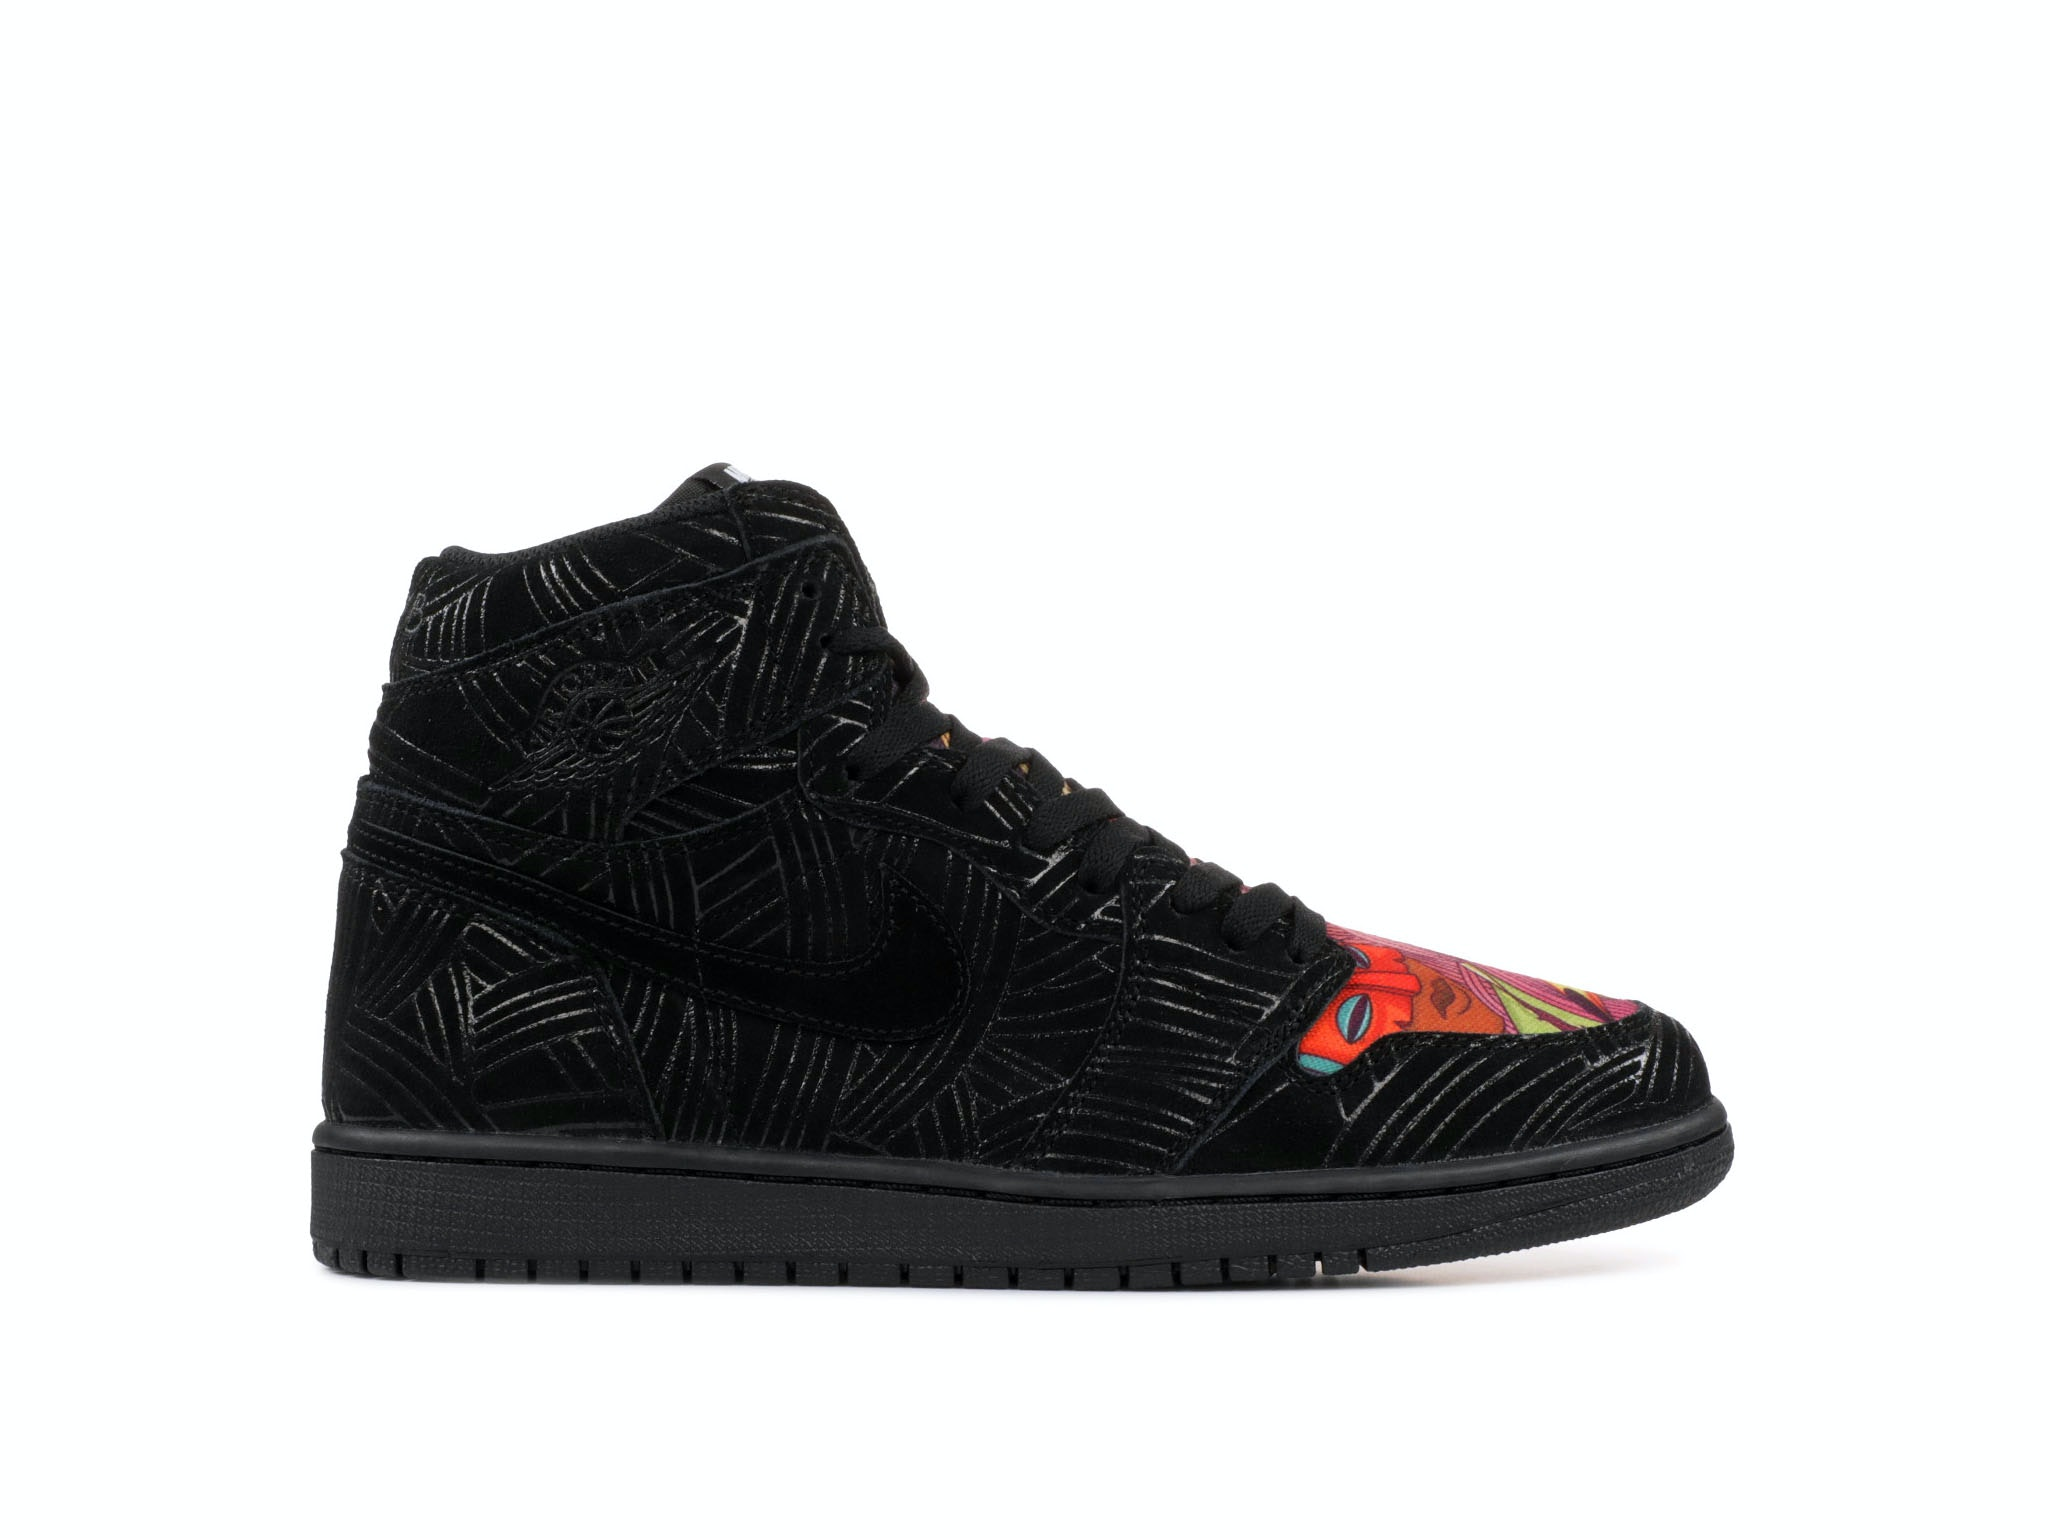 e0b9d9f5a1ced7 Shop Air Jordan 1 Retro High Los Primeros x Pomb Online